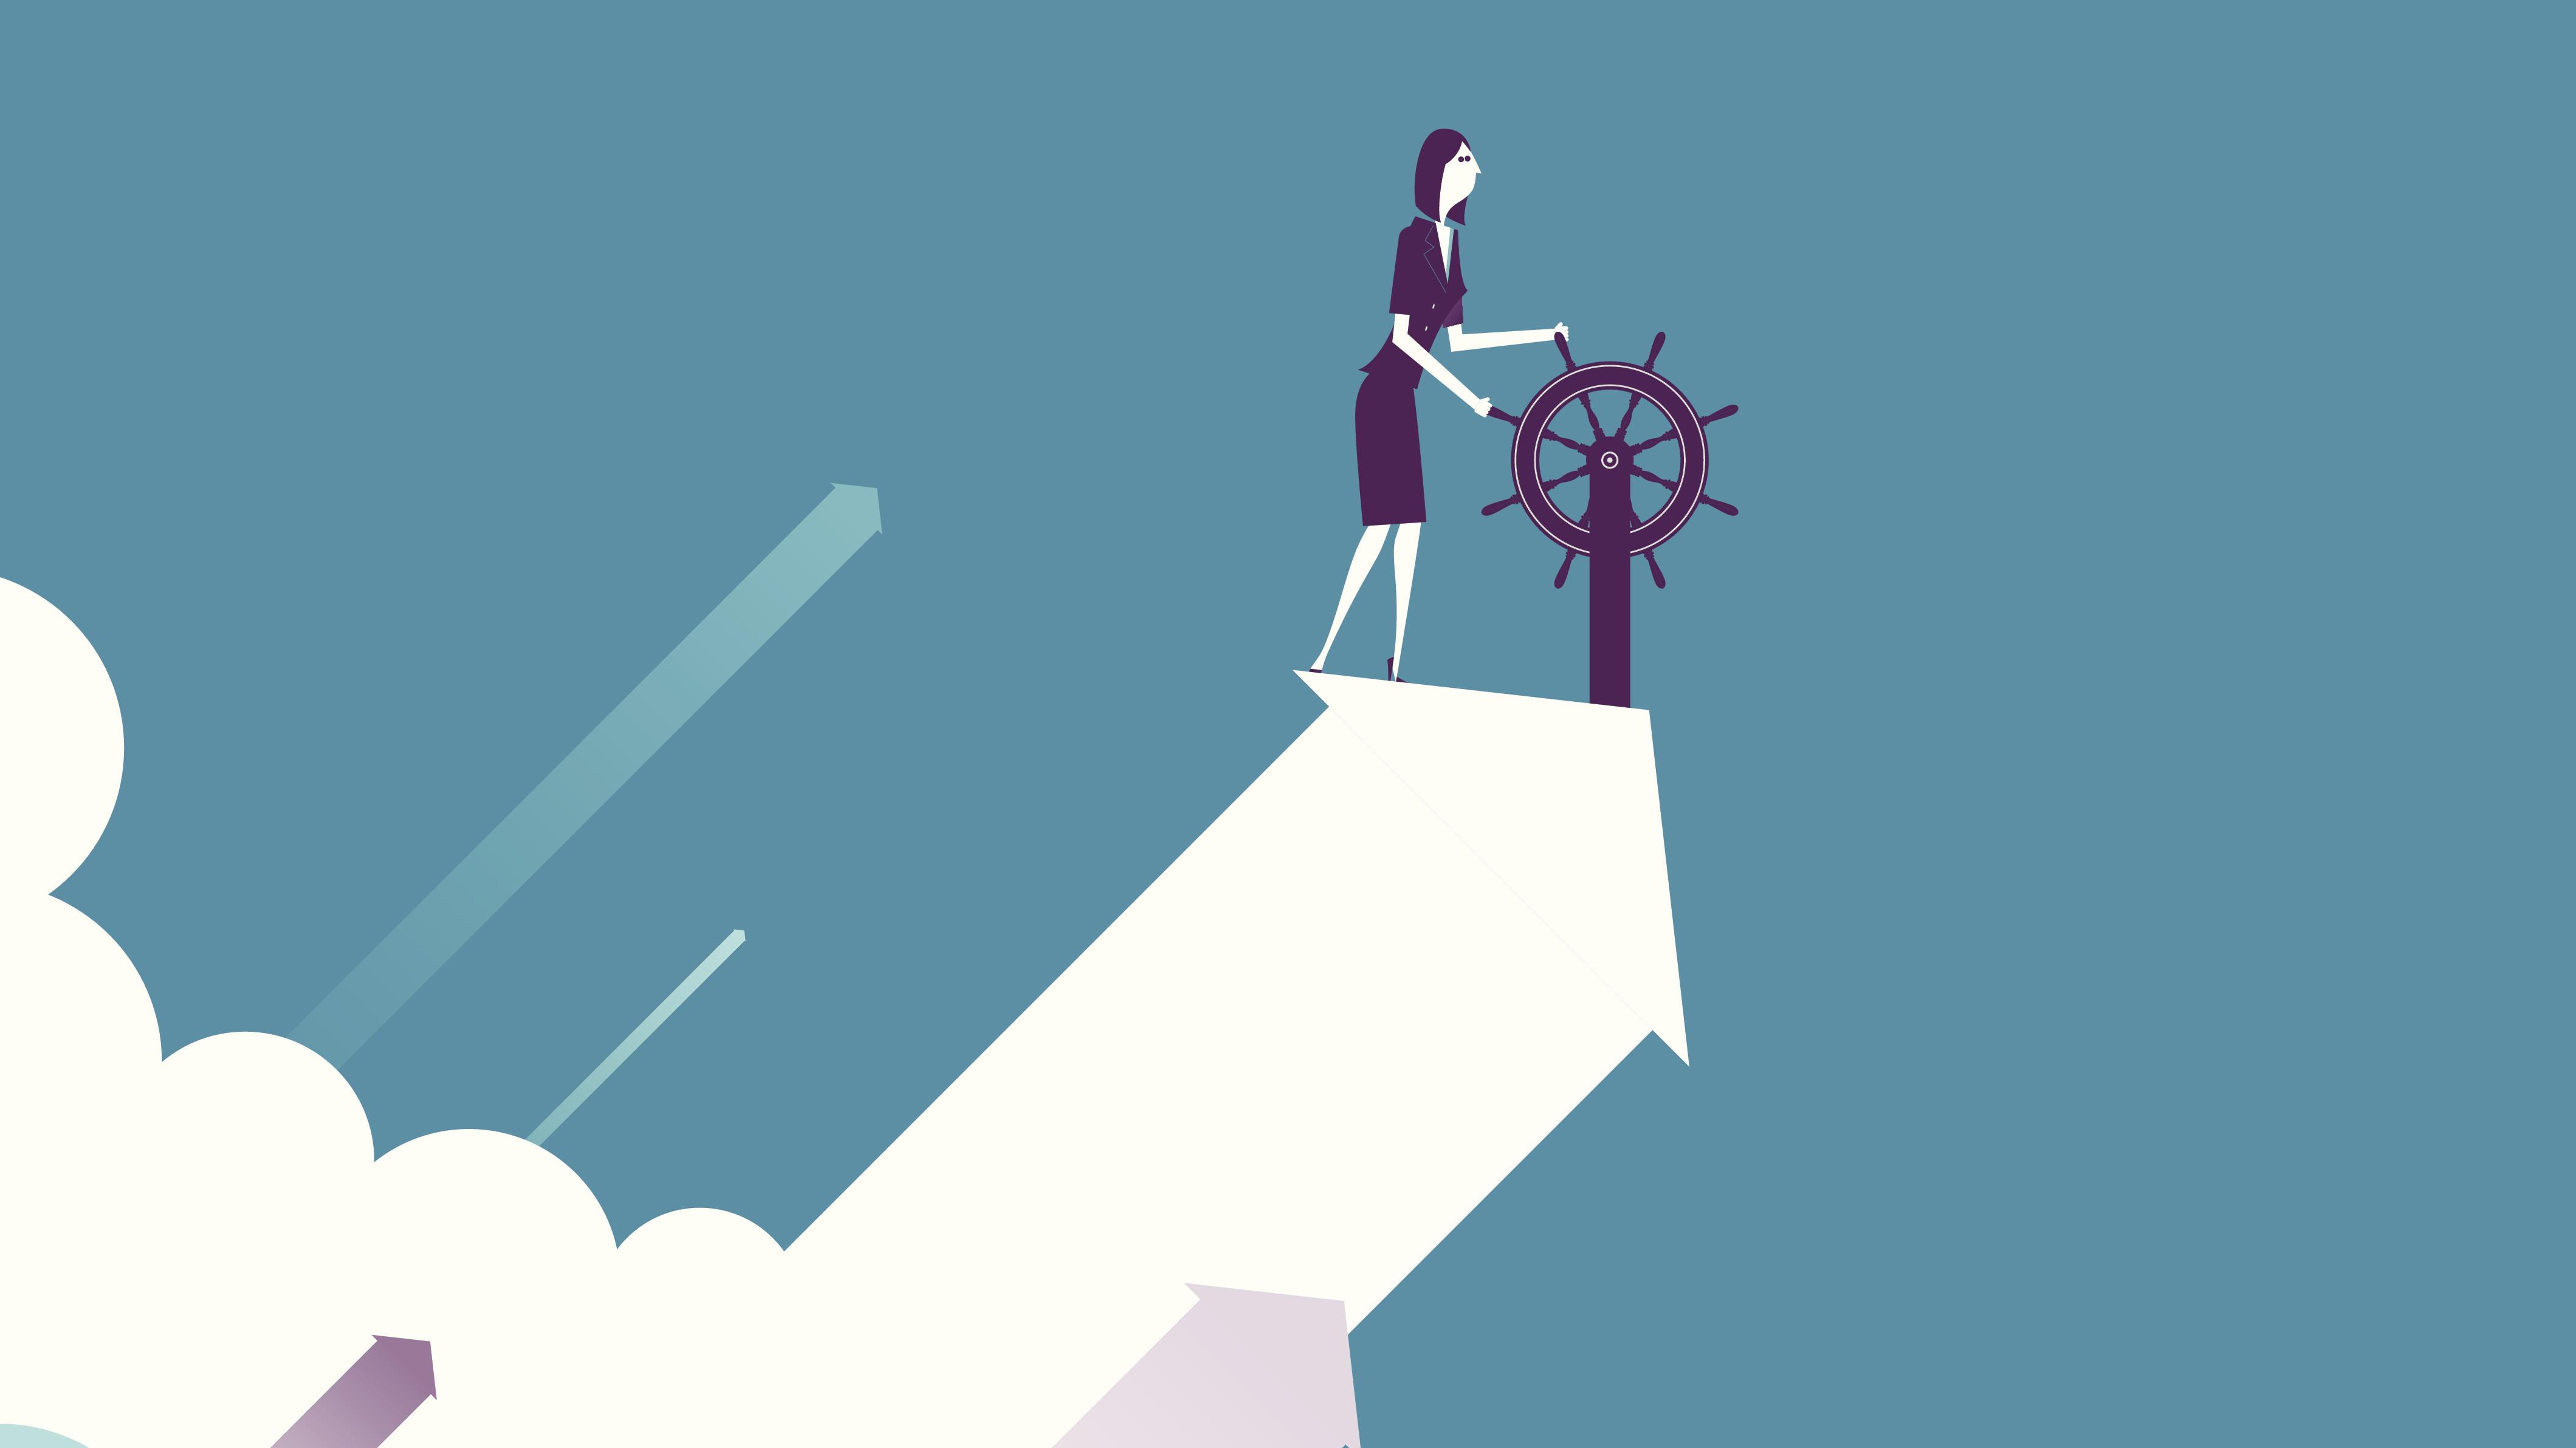 politicas-de-equidad-el-siguiente-nivel-en-la-equidadnbspde-genero